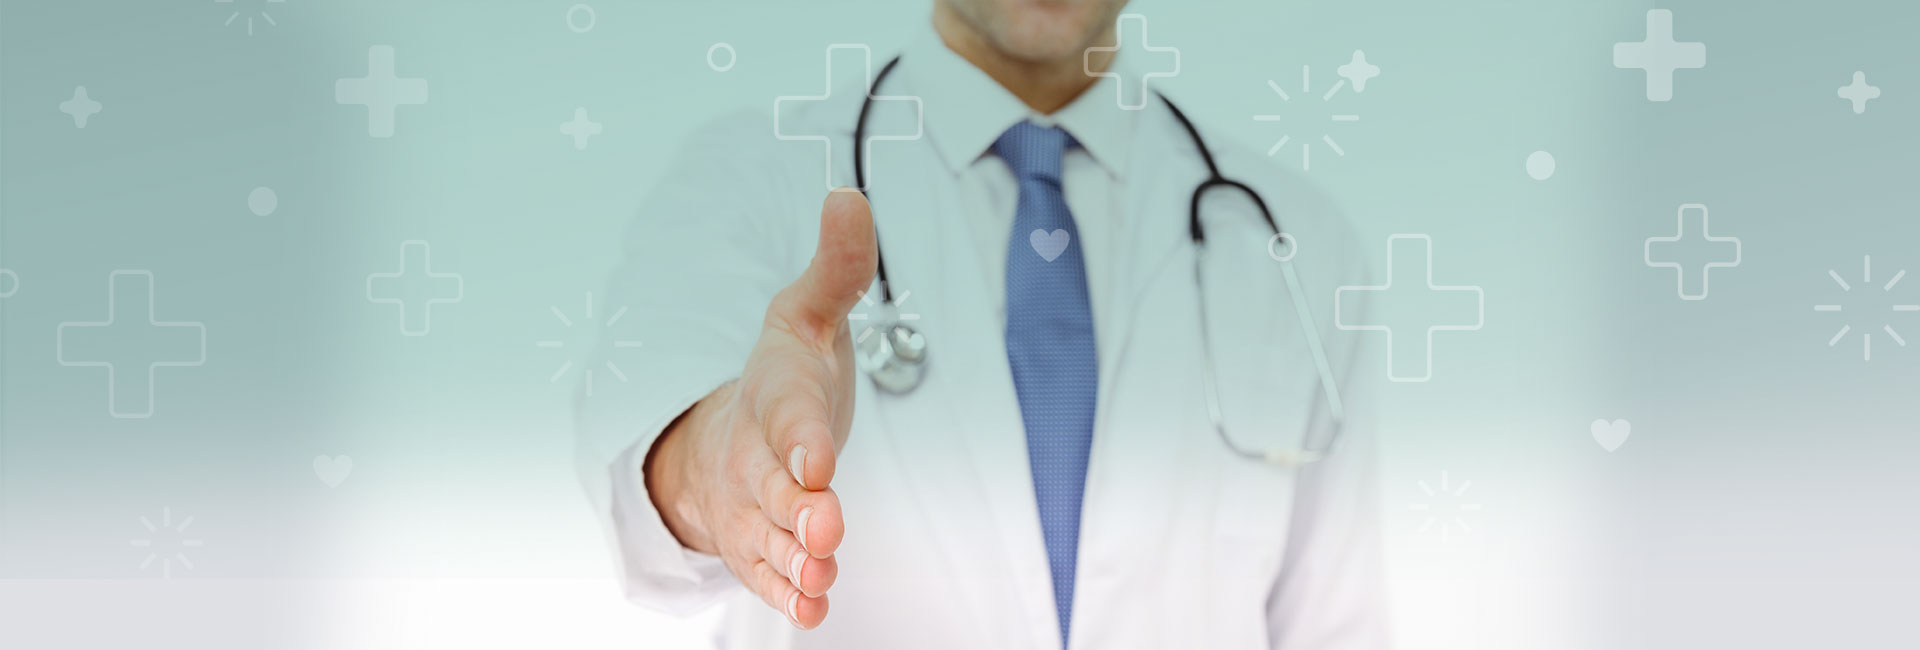 Su médico, el primer aliado para modificar sus estilos de vida